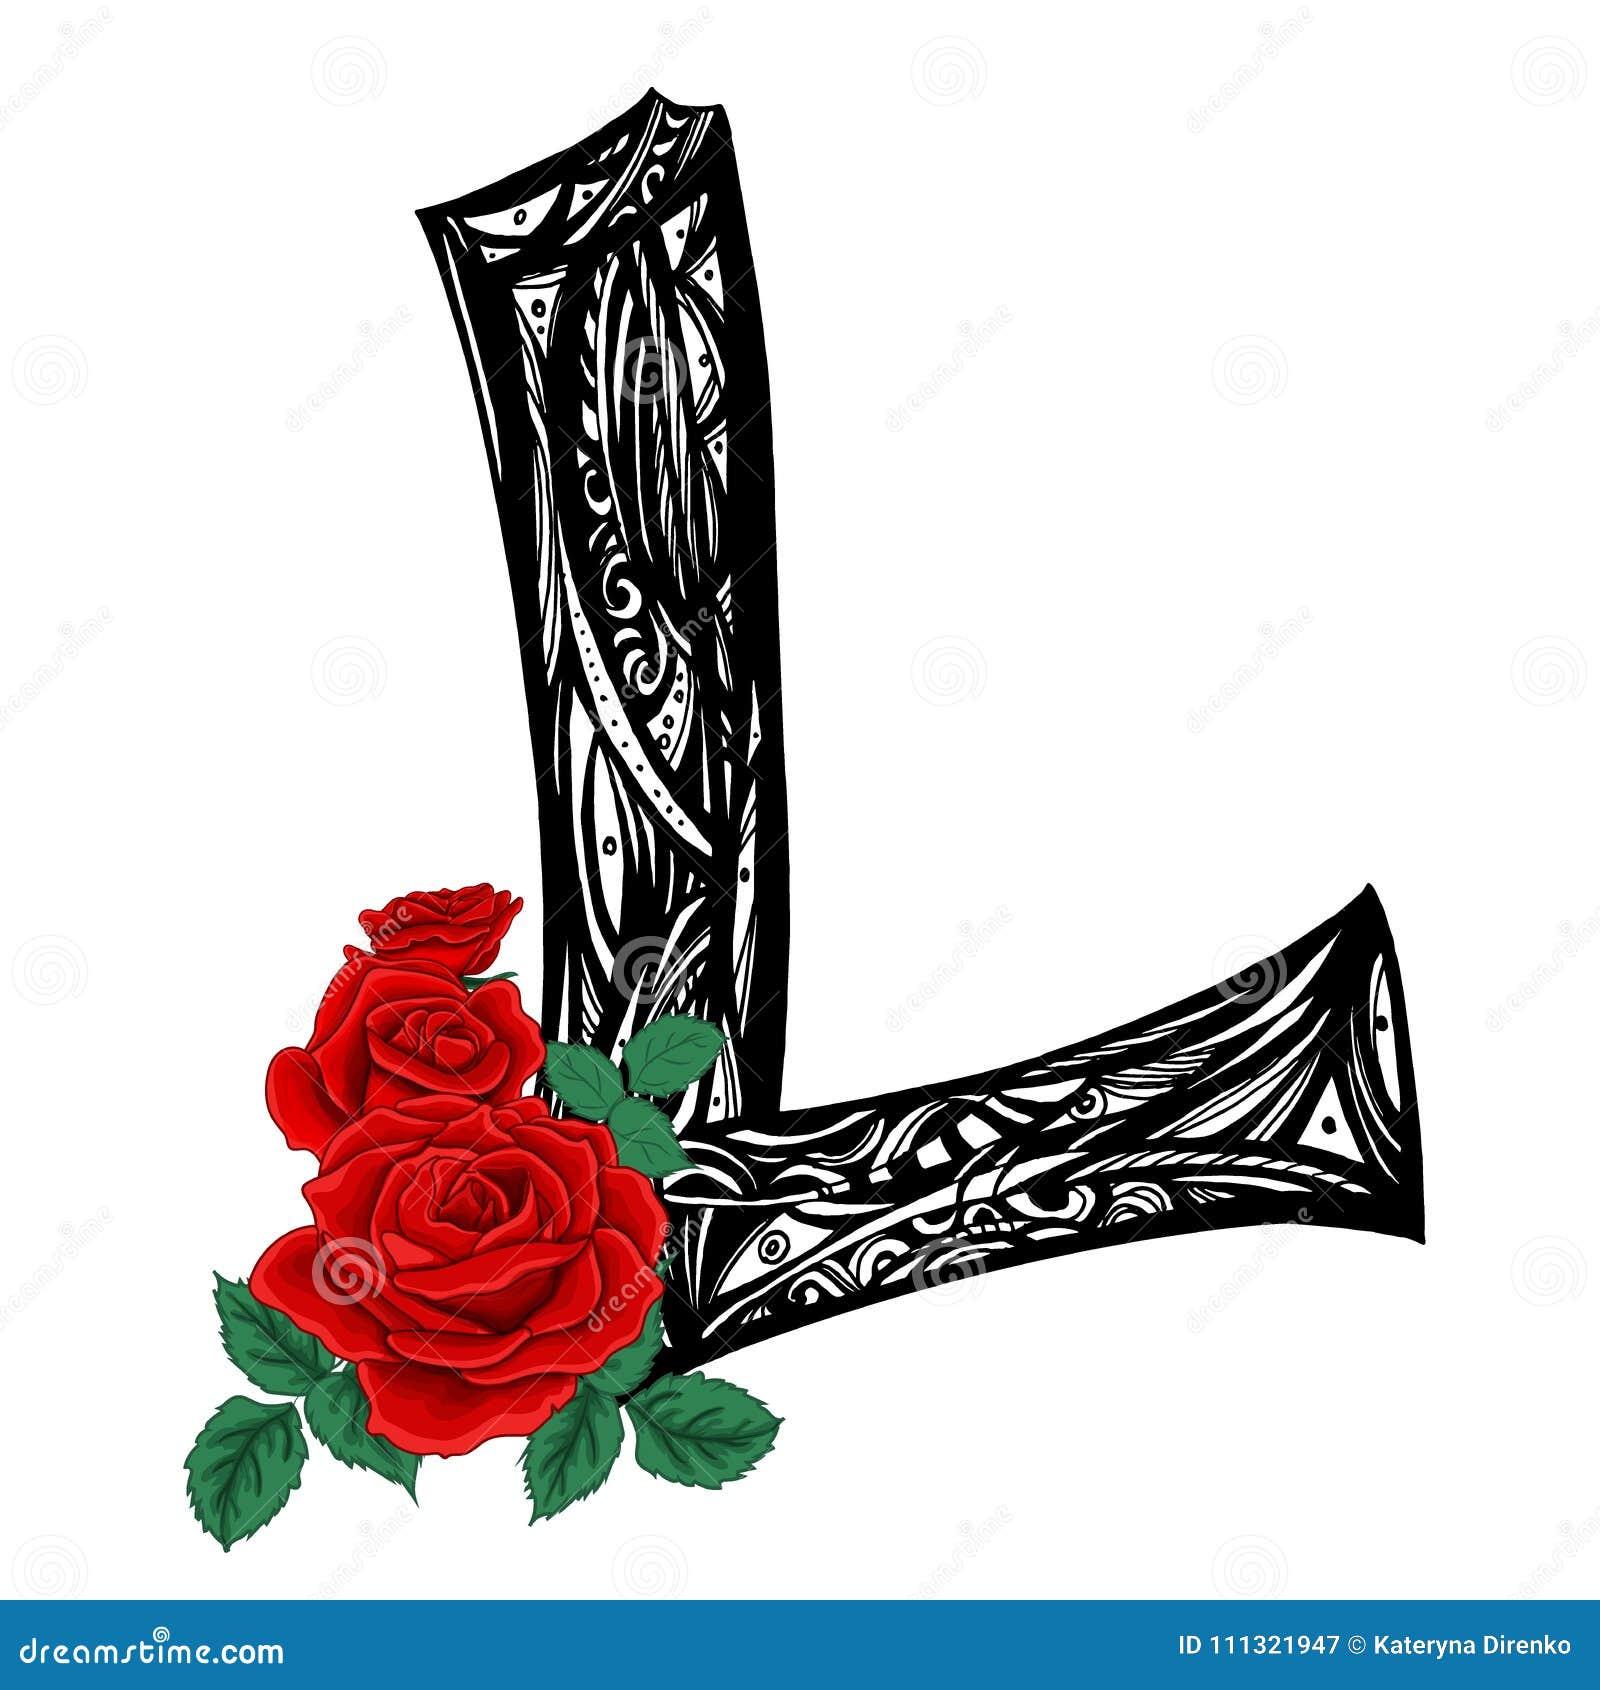 Majuscule L Grande Lettre Modele Noir Et Blanc Avec Des Roses D